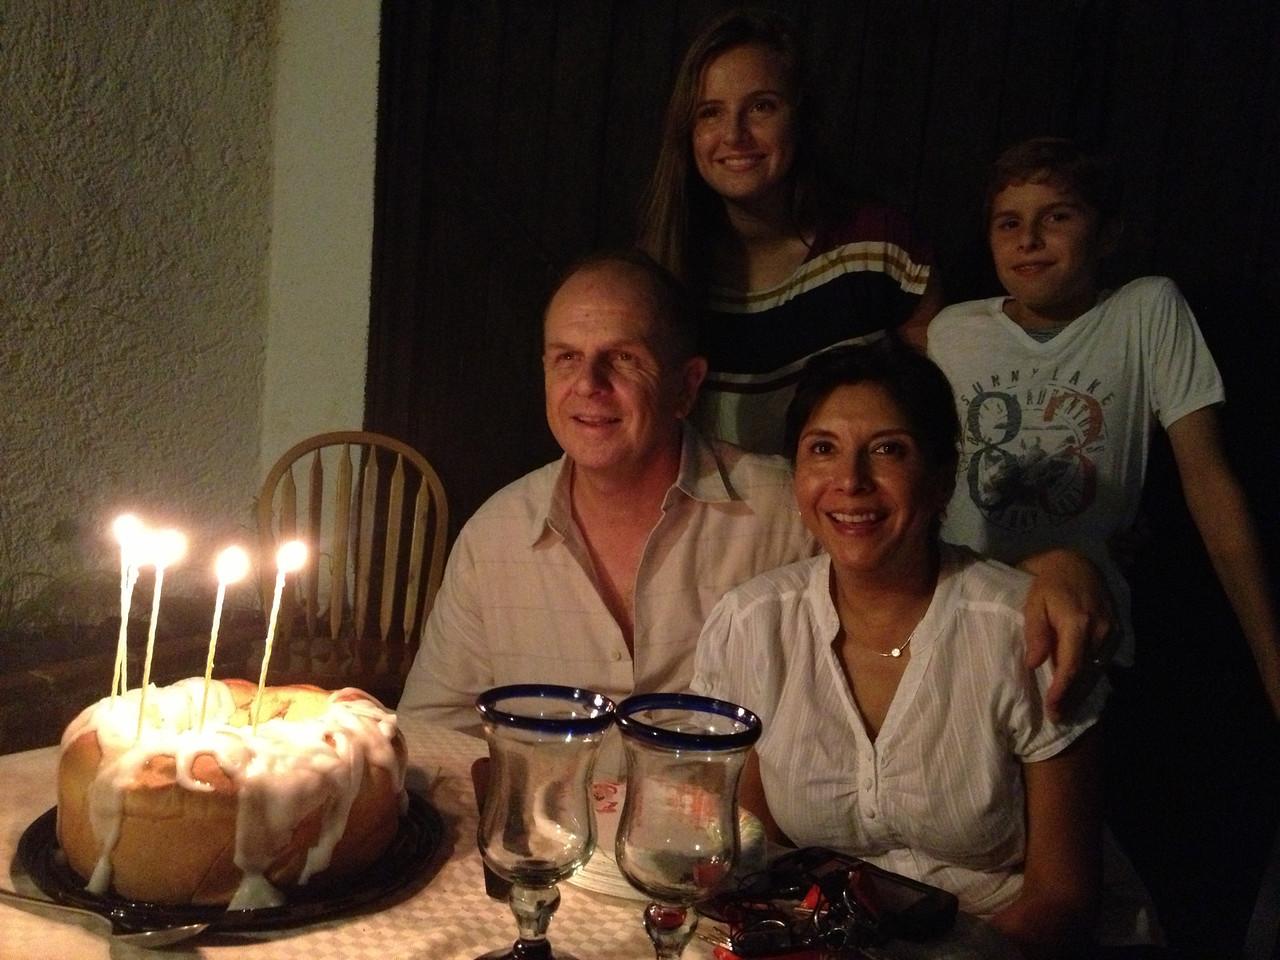 Celebrando el cumpleaños 55 de Tony Leeman.